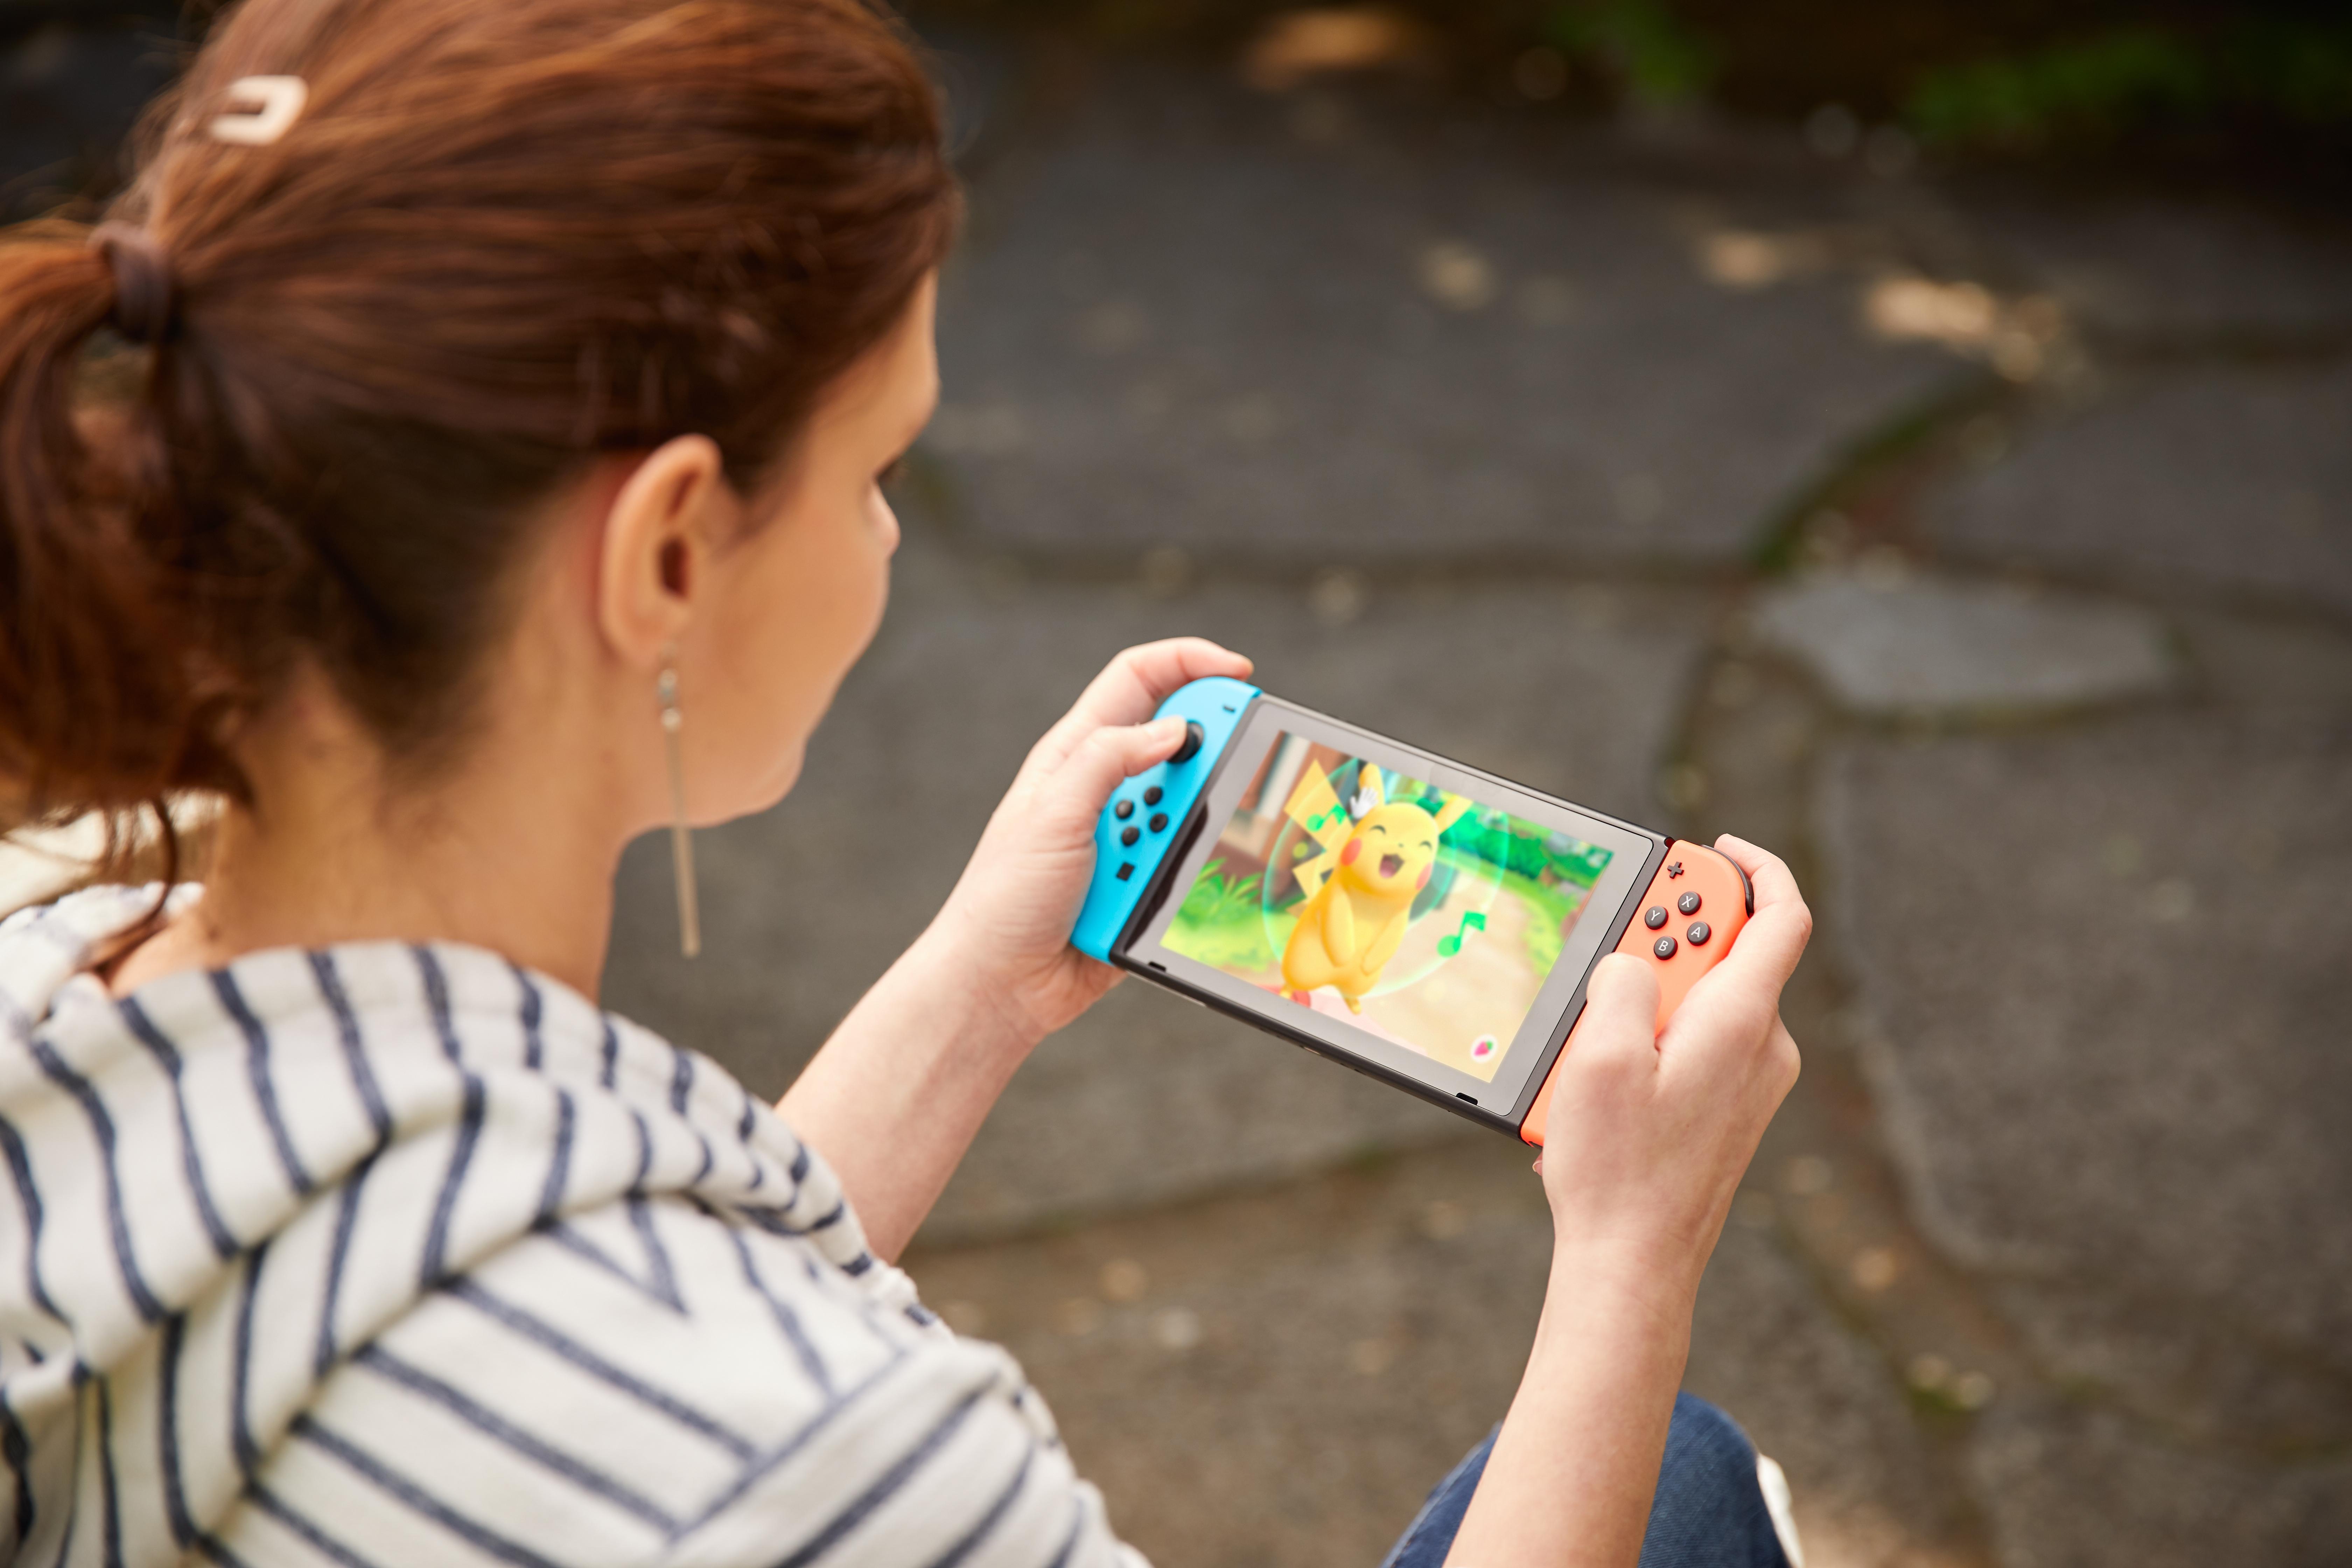 Nintendo анонсировала 3 новые игры опокемонах для портативной консоли Switch